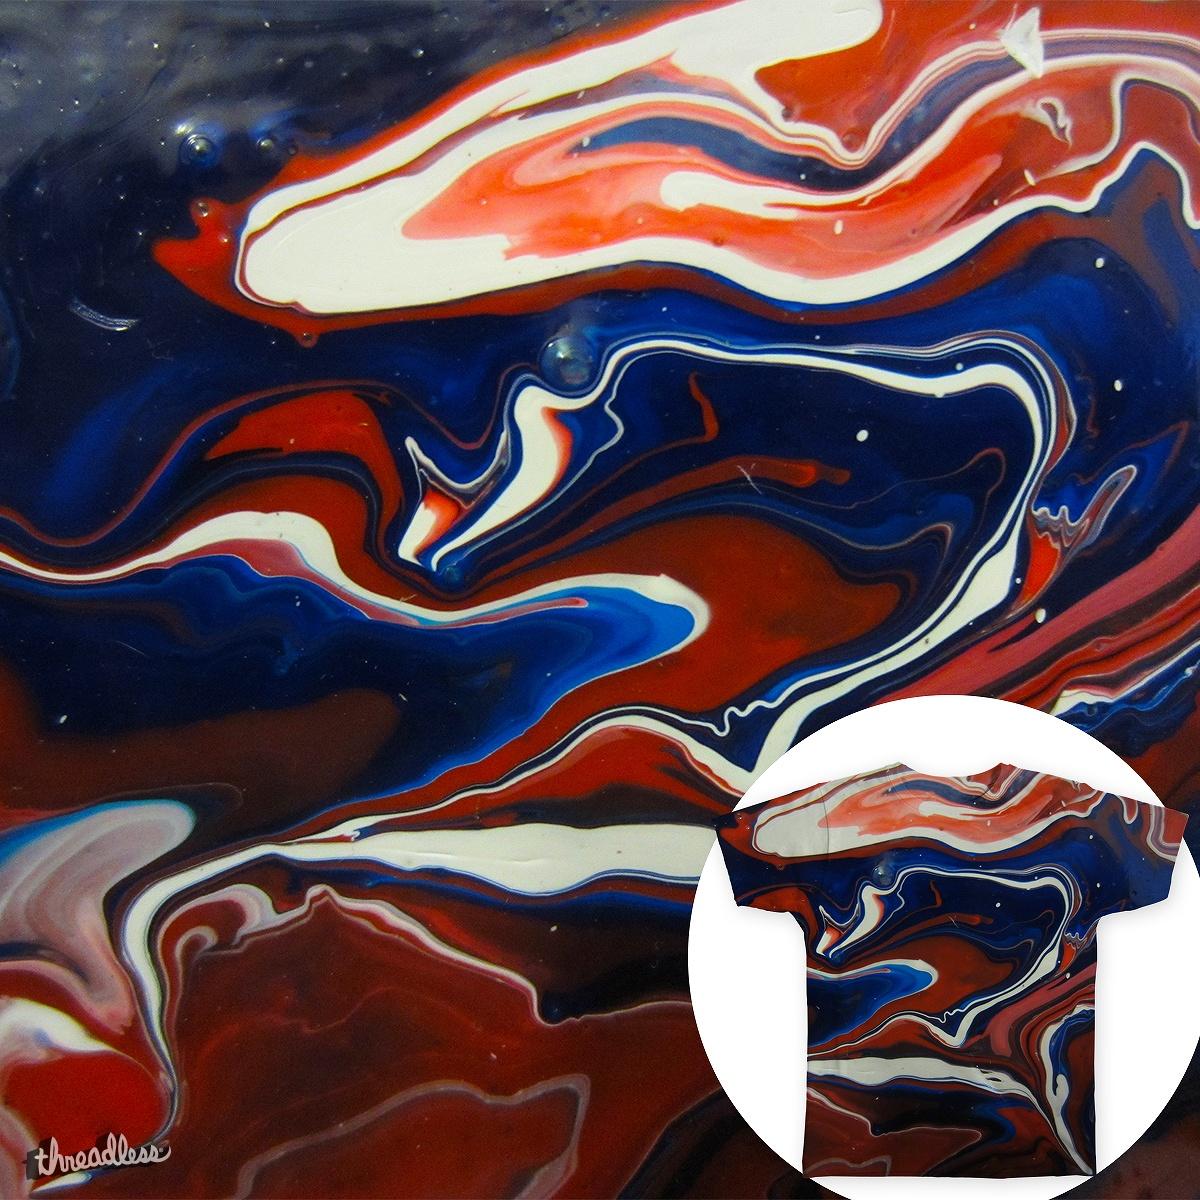 Liquidfy by EnoLa72 on Threadless